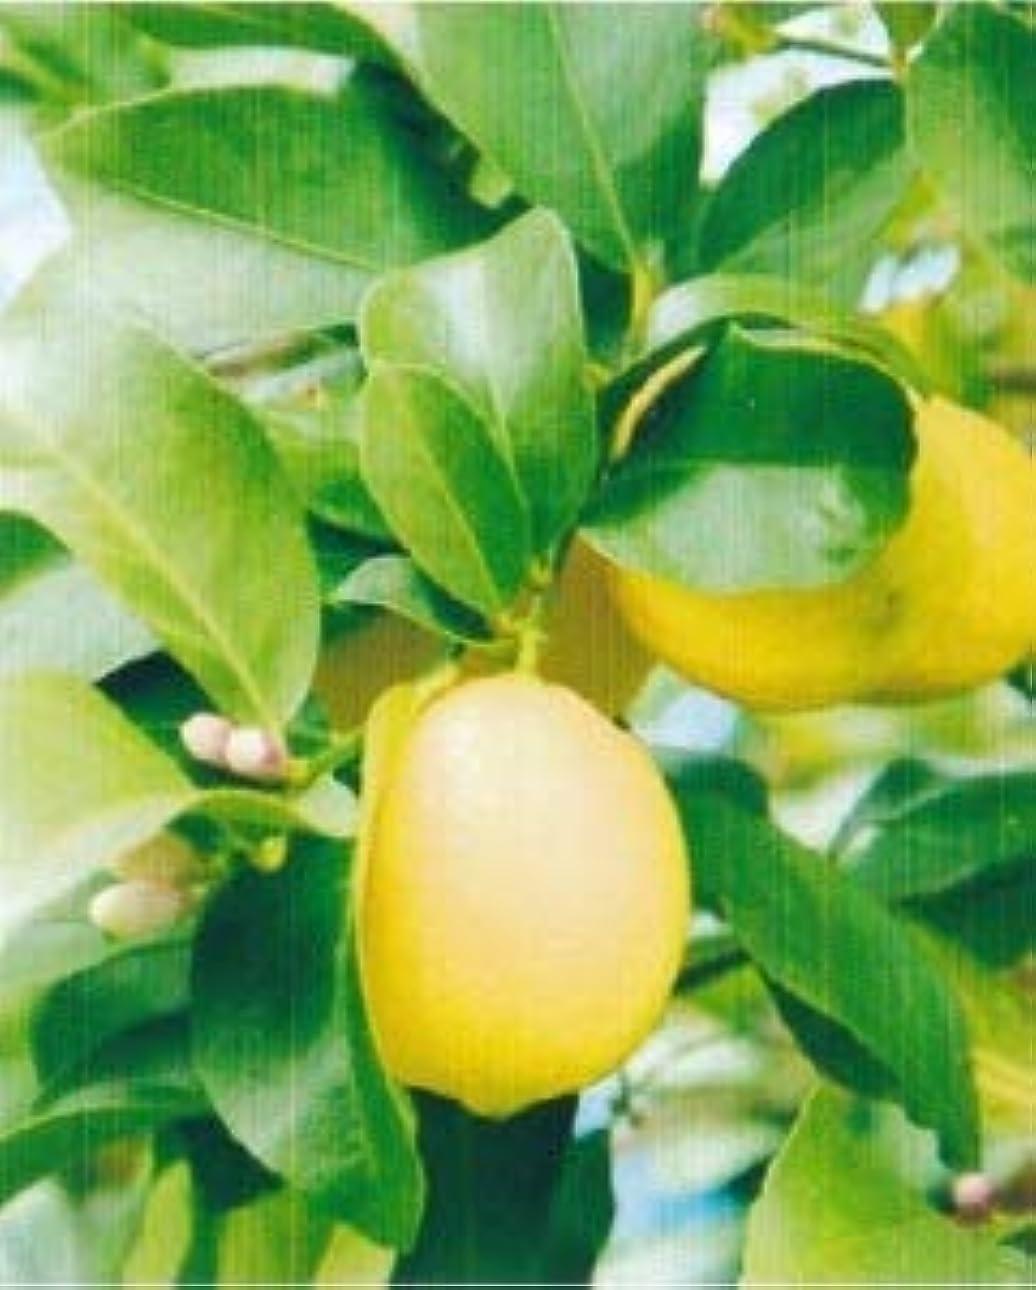 住居ロック組み合わせアロマオイル レモンリーフ れもんの葉 5ml エッセンシャルオイル 100%天然成分